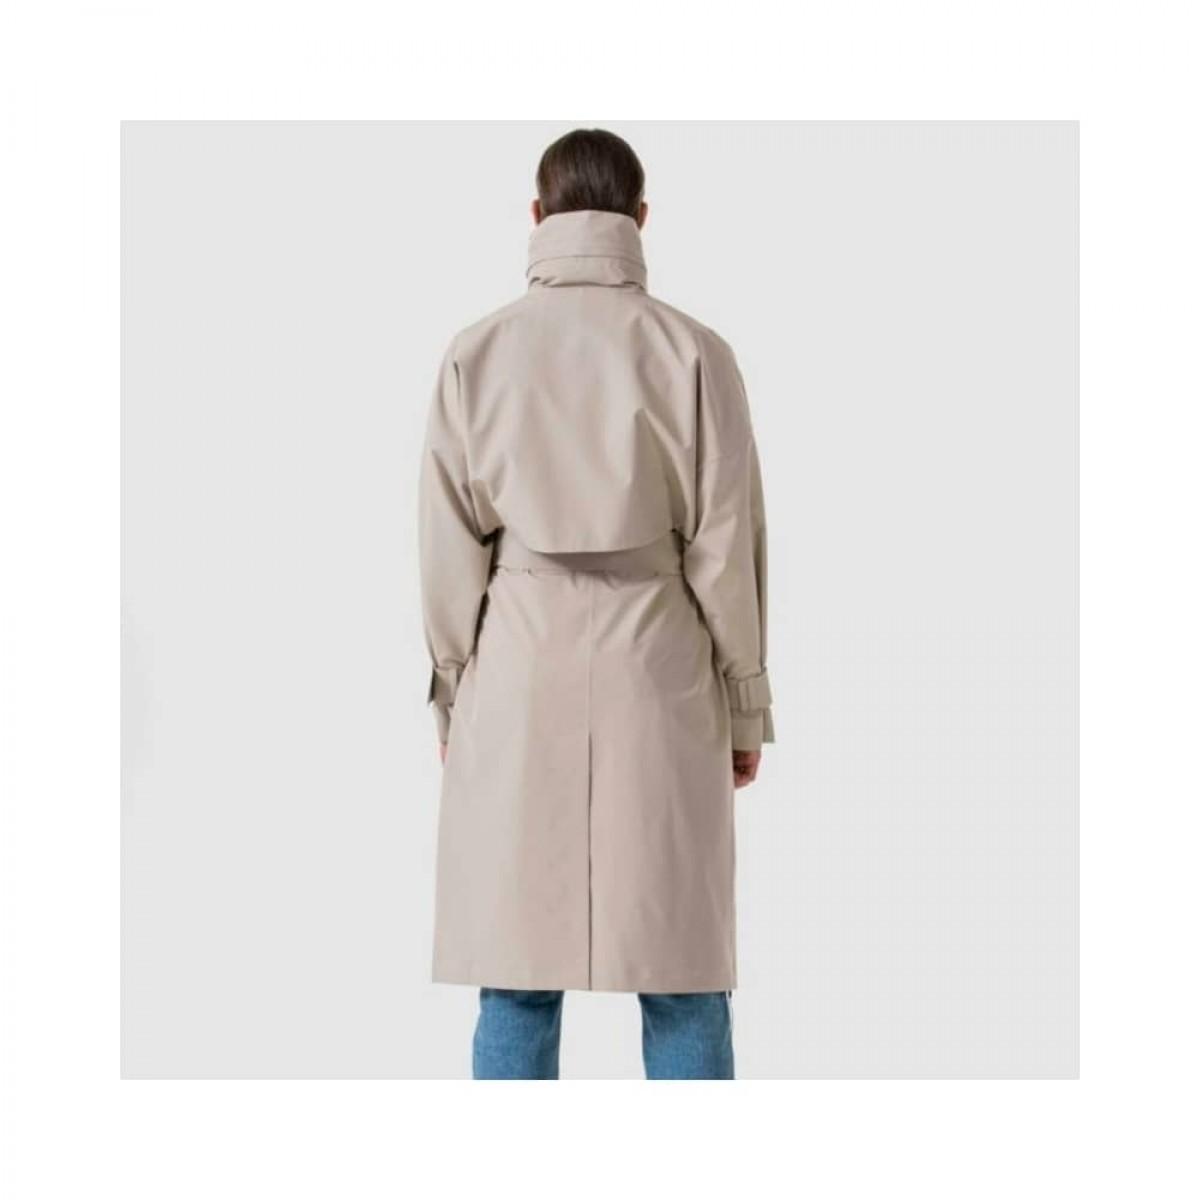 brosundet regn frakke - beige - model fra ryggen